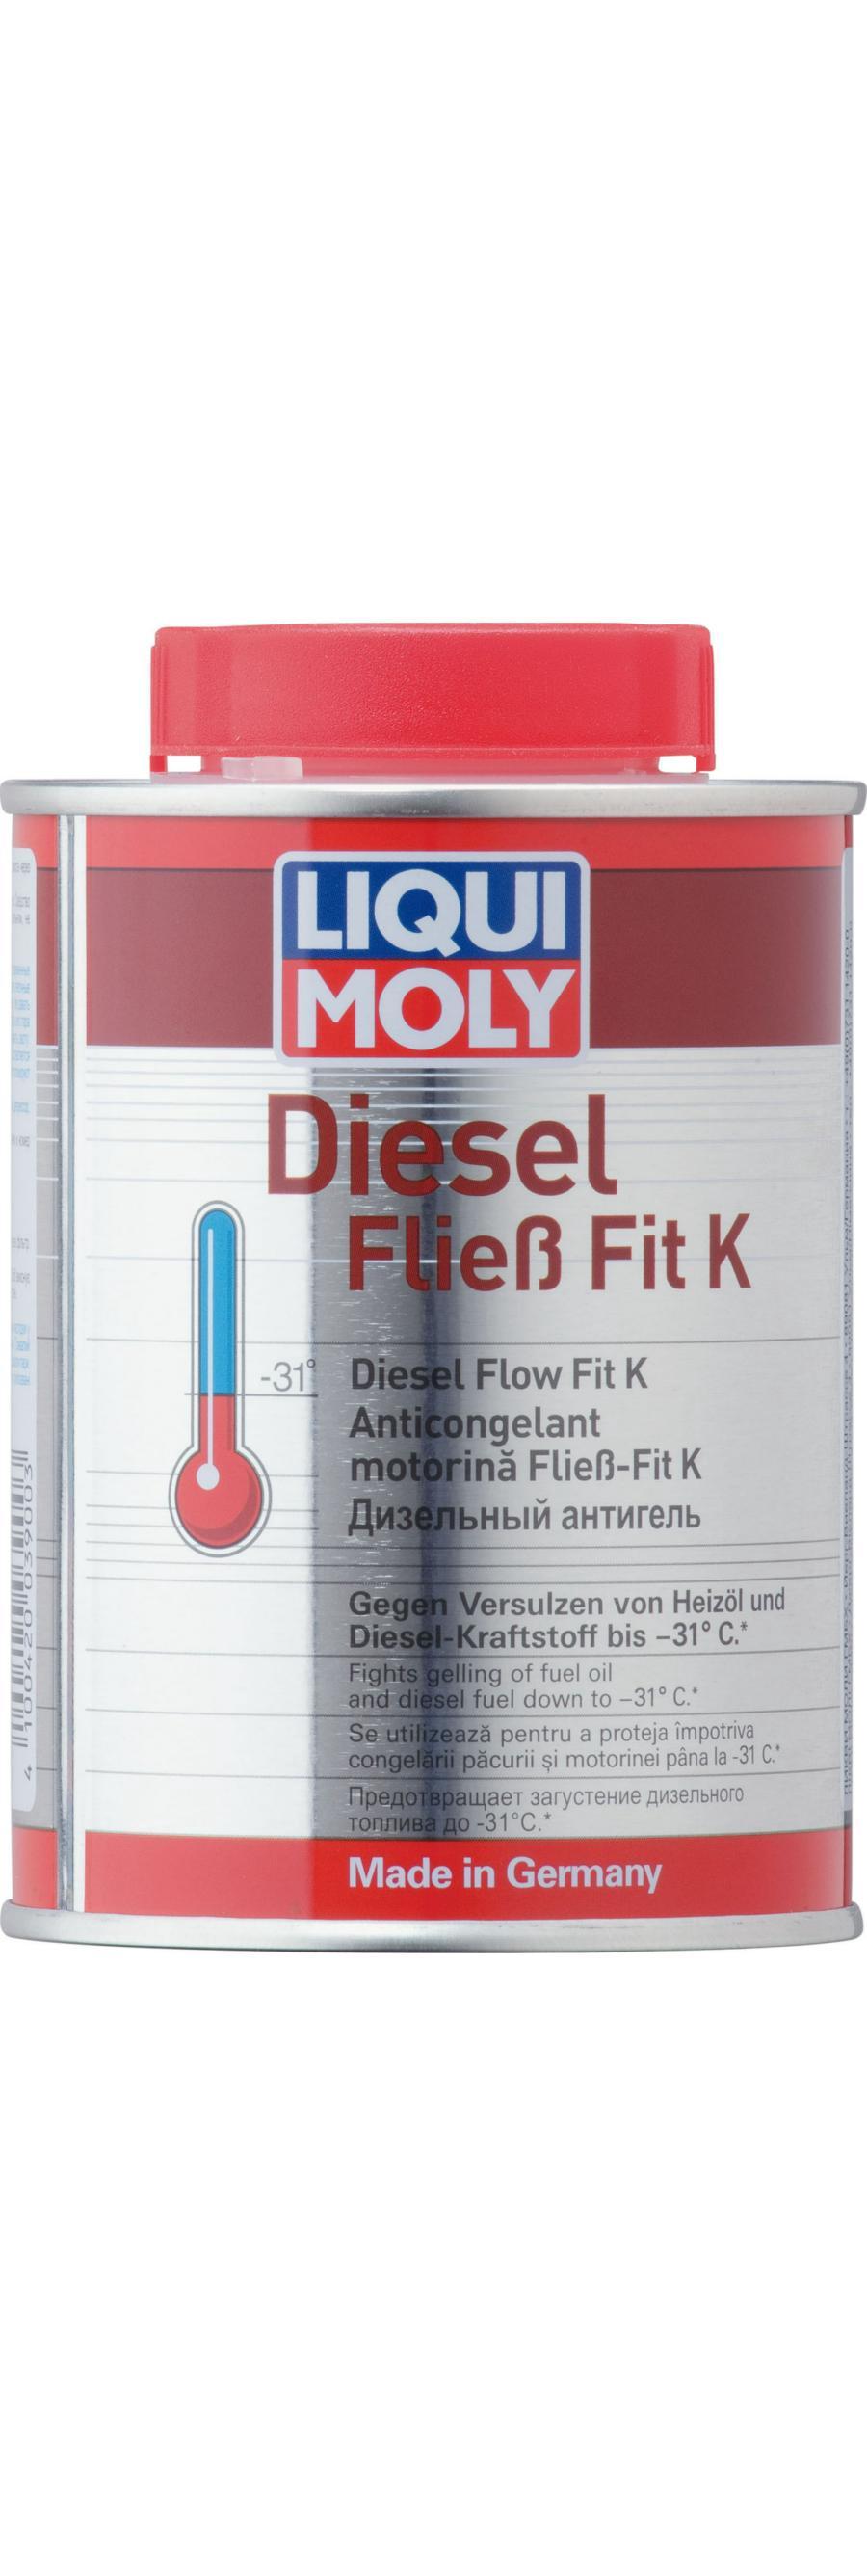 Антигель дизельный концентрат Diesel Fliess-Fit K (0,25л)